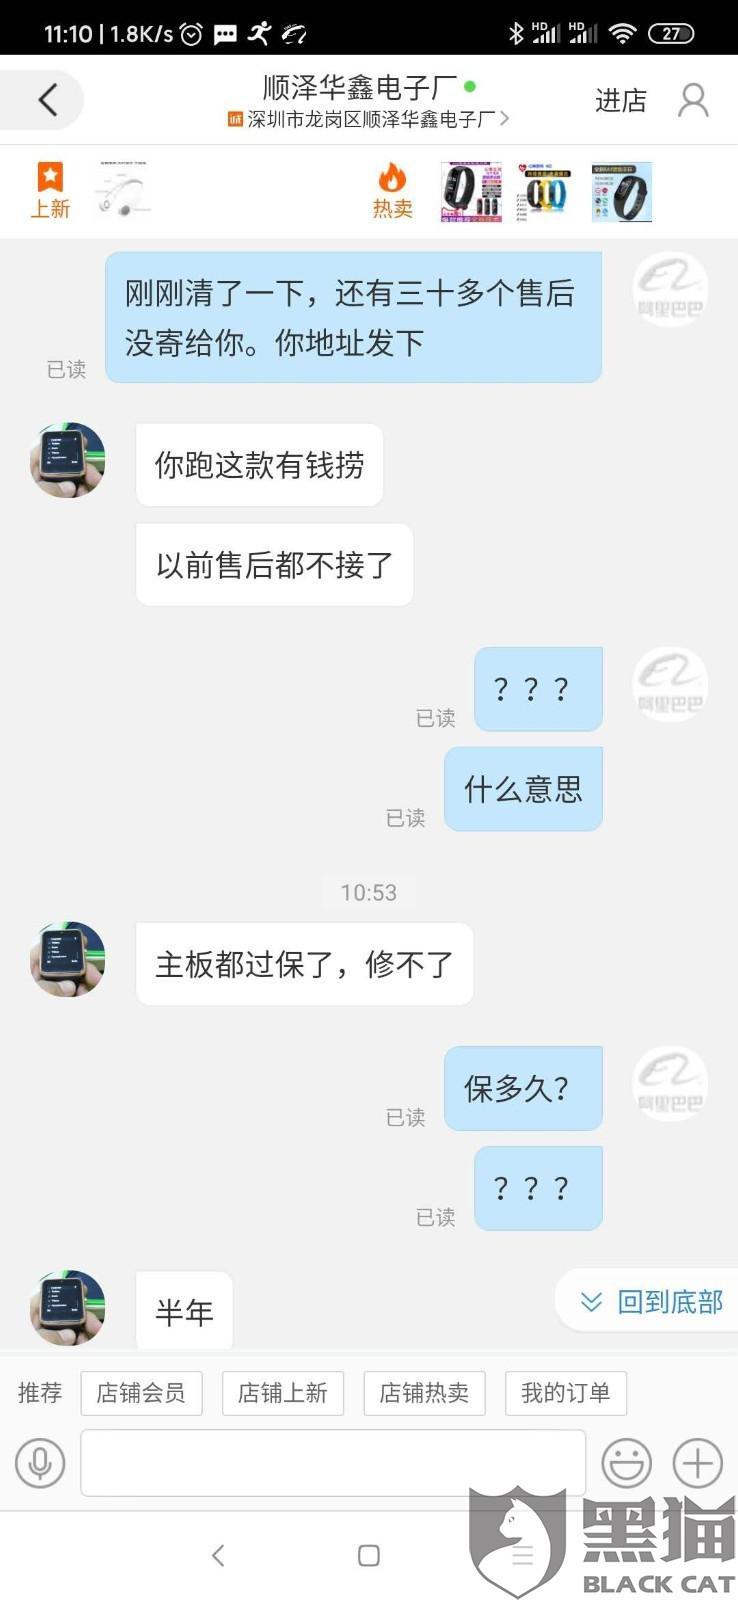 黑猫投诉:阿里巴巴商家深圳市龙岗区顺泽华鑫电子厂不处理售后态度恶劣